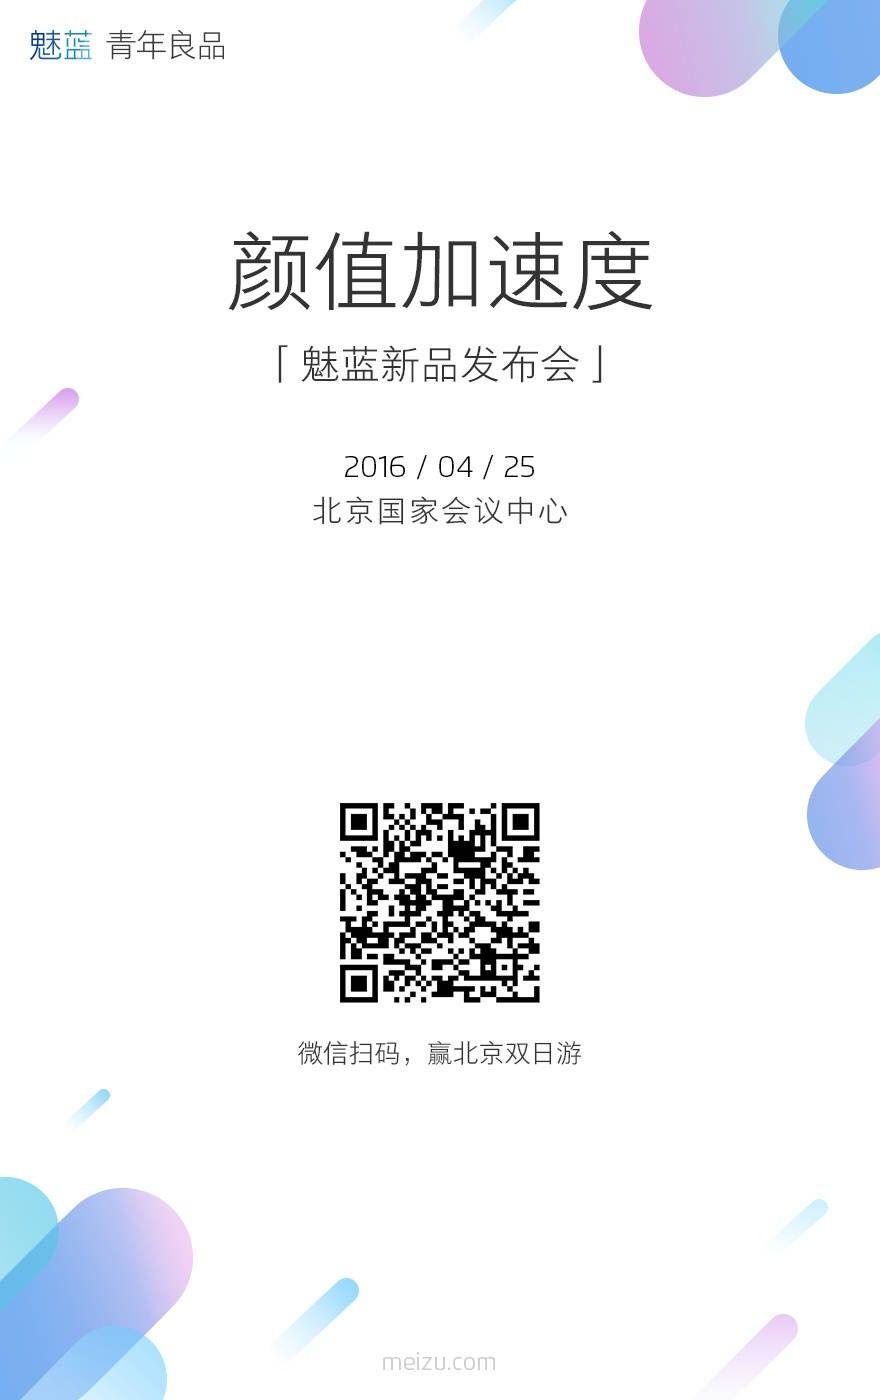 4月25日に発表会を告知。Meizu m3 miniを発表へ